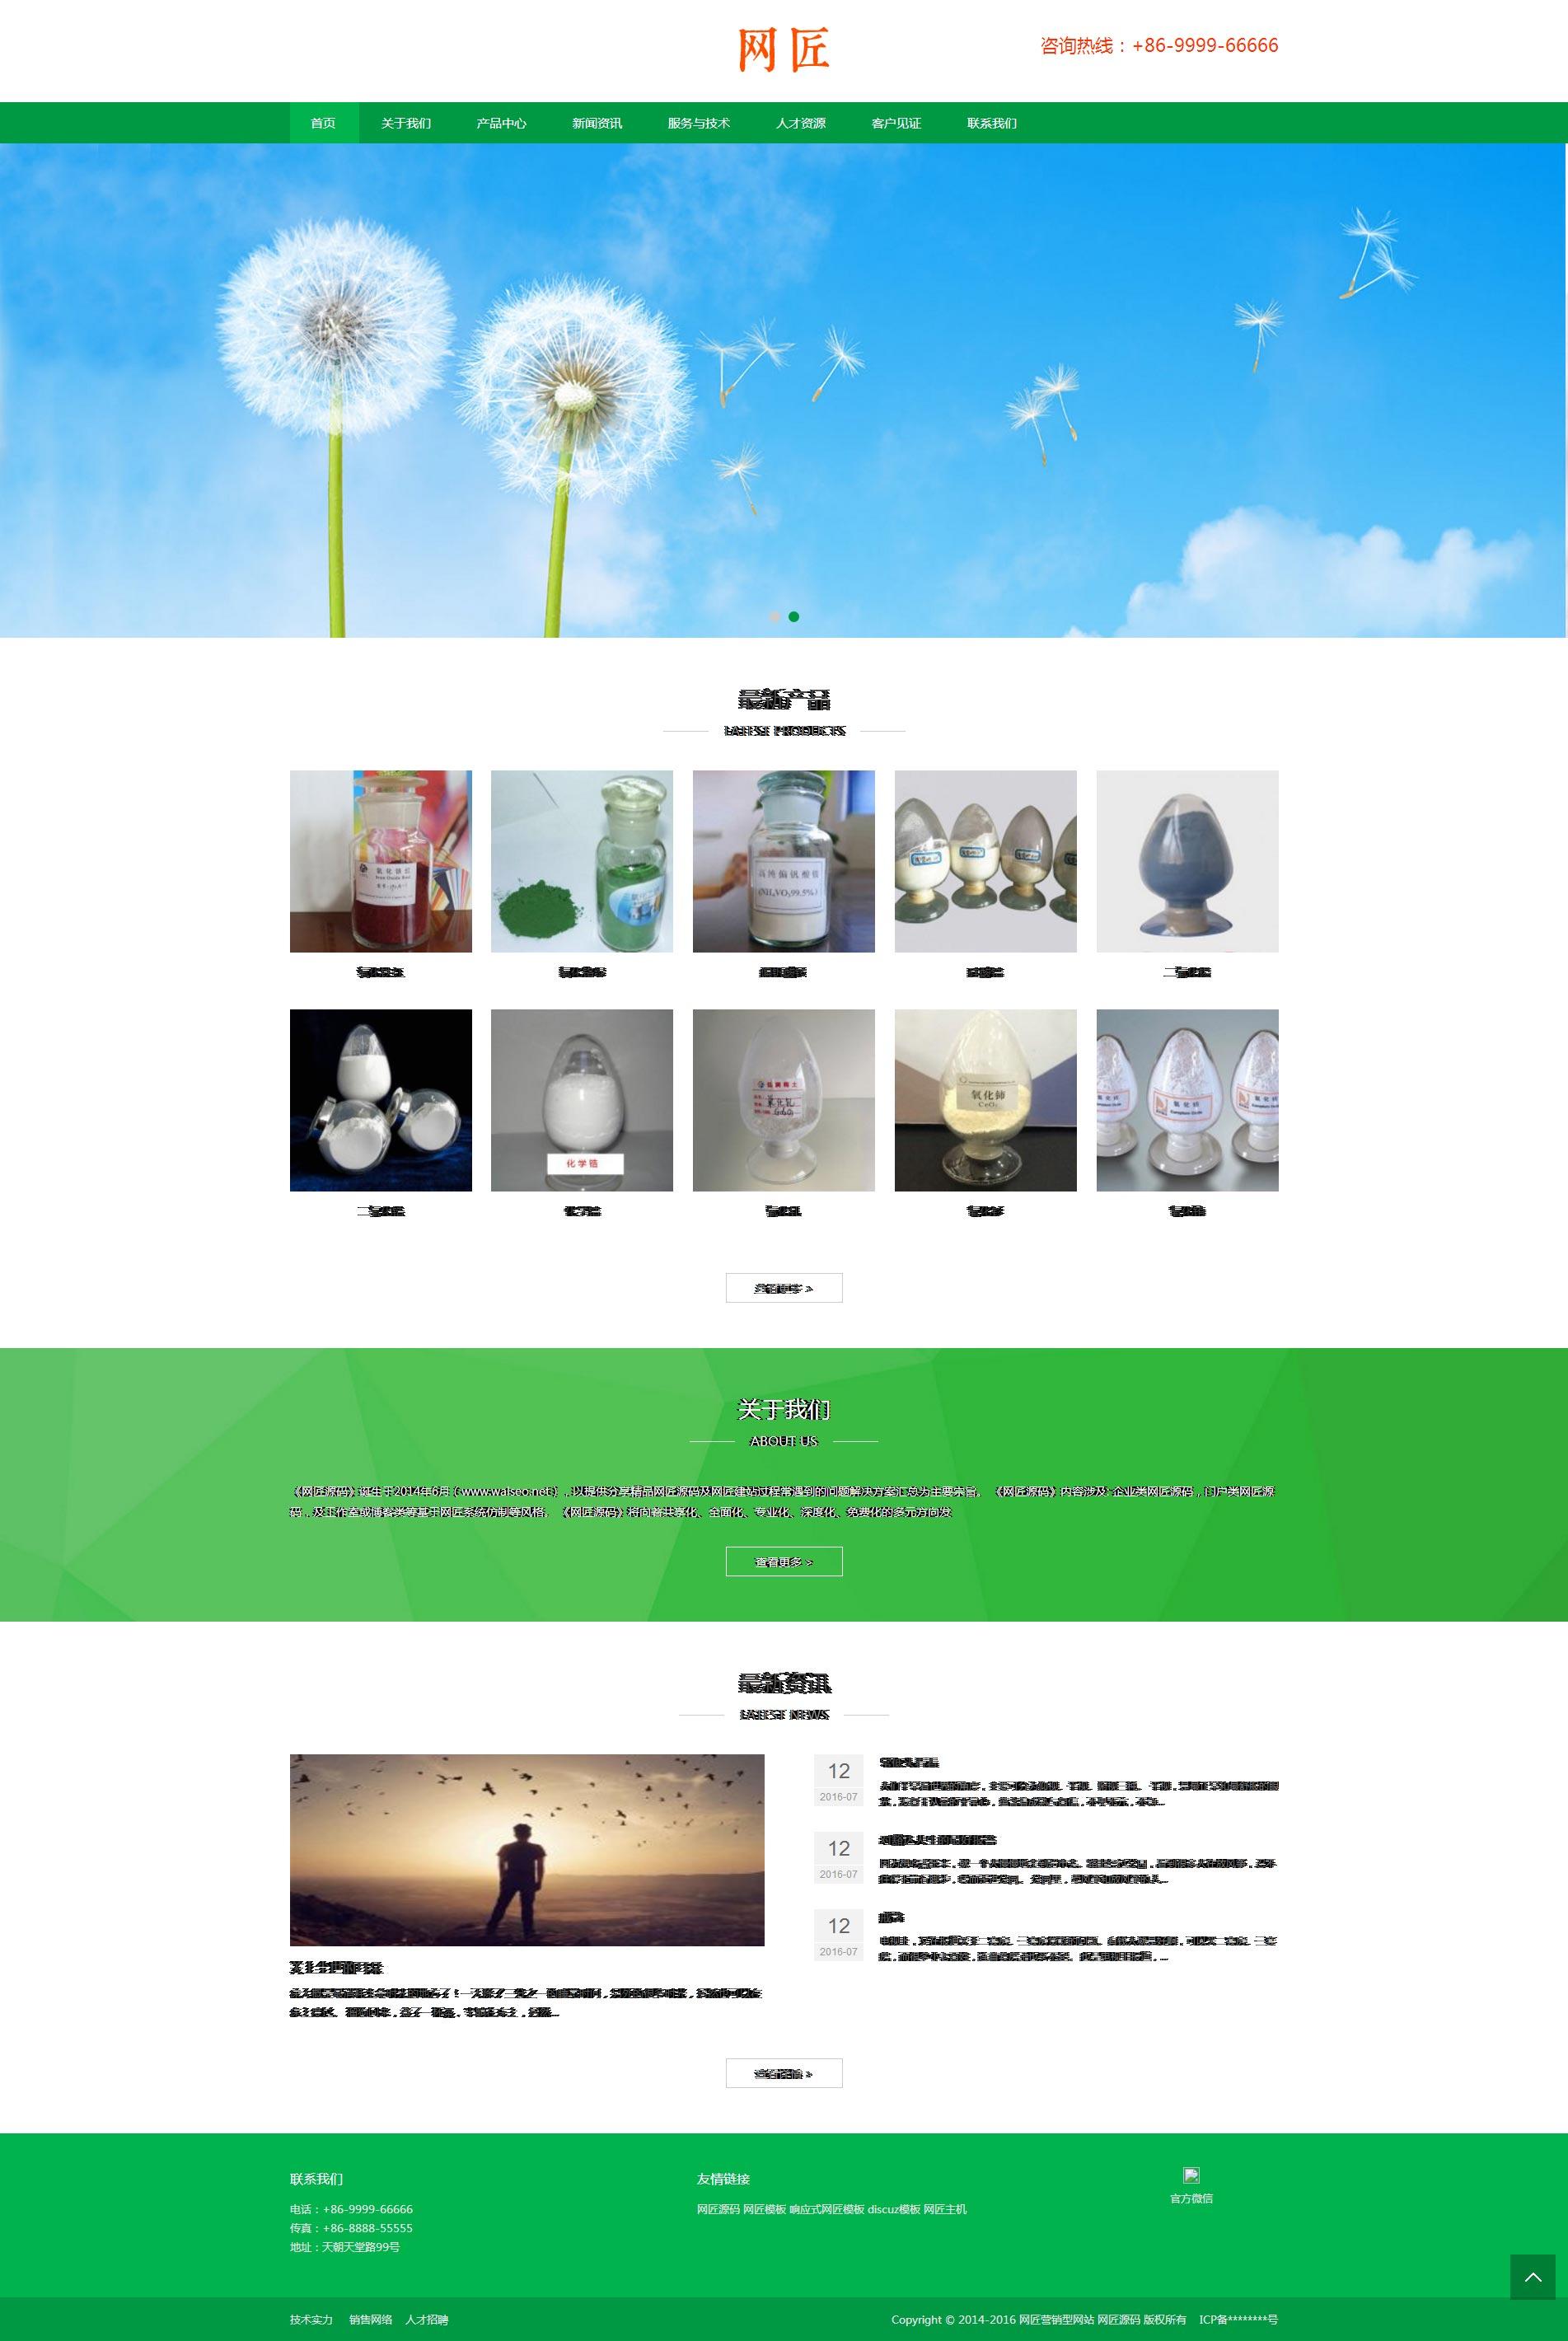 化工燃料行业营销网站客户案例035